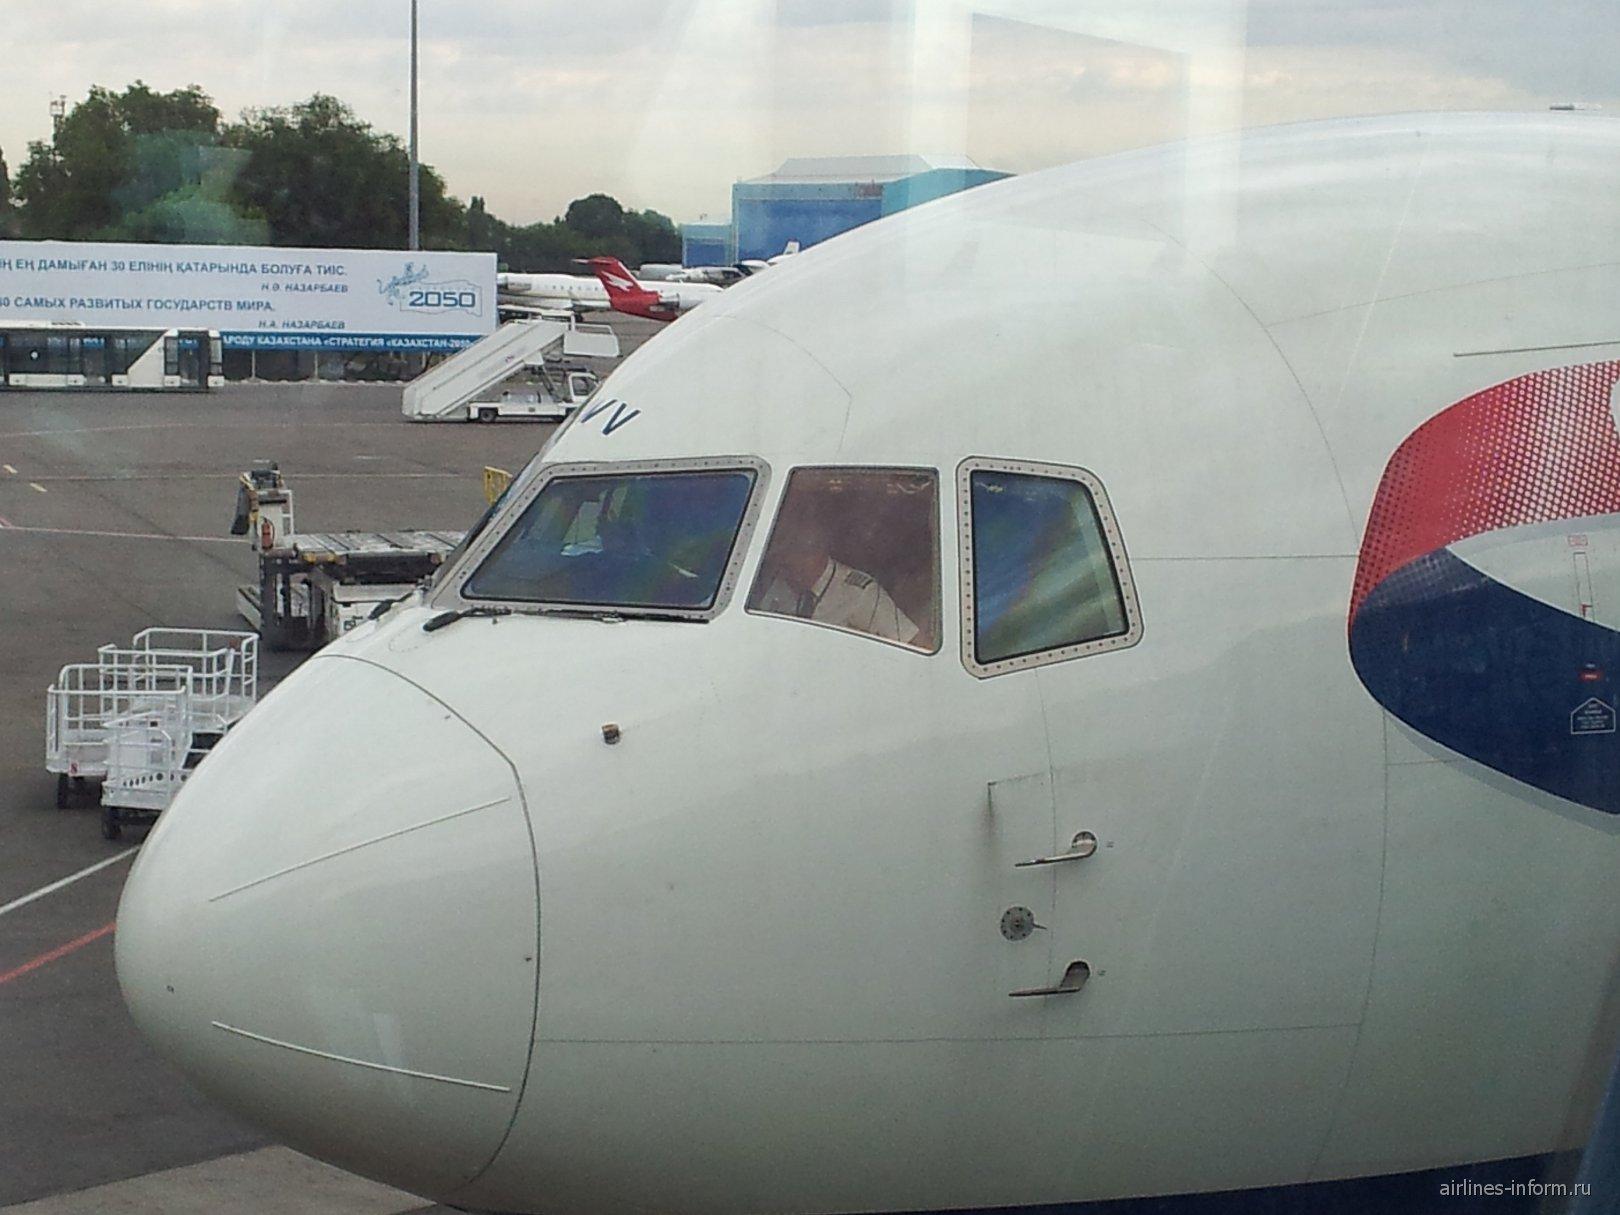 Обратный перелет на каникулы в солнечный дом!!! Лондон Хитроу - Алматы бизнес классом с BA.